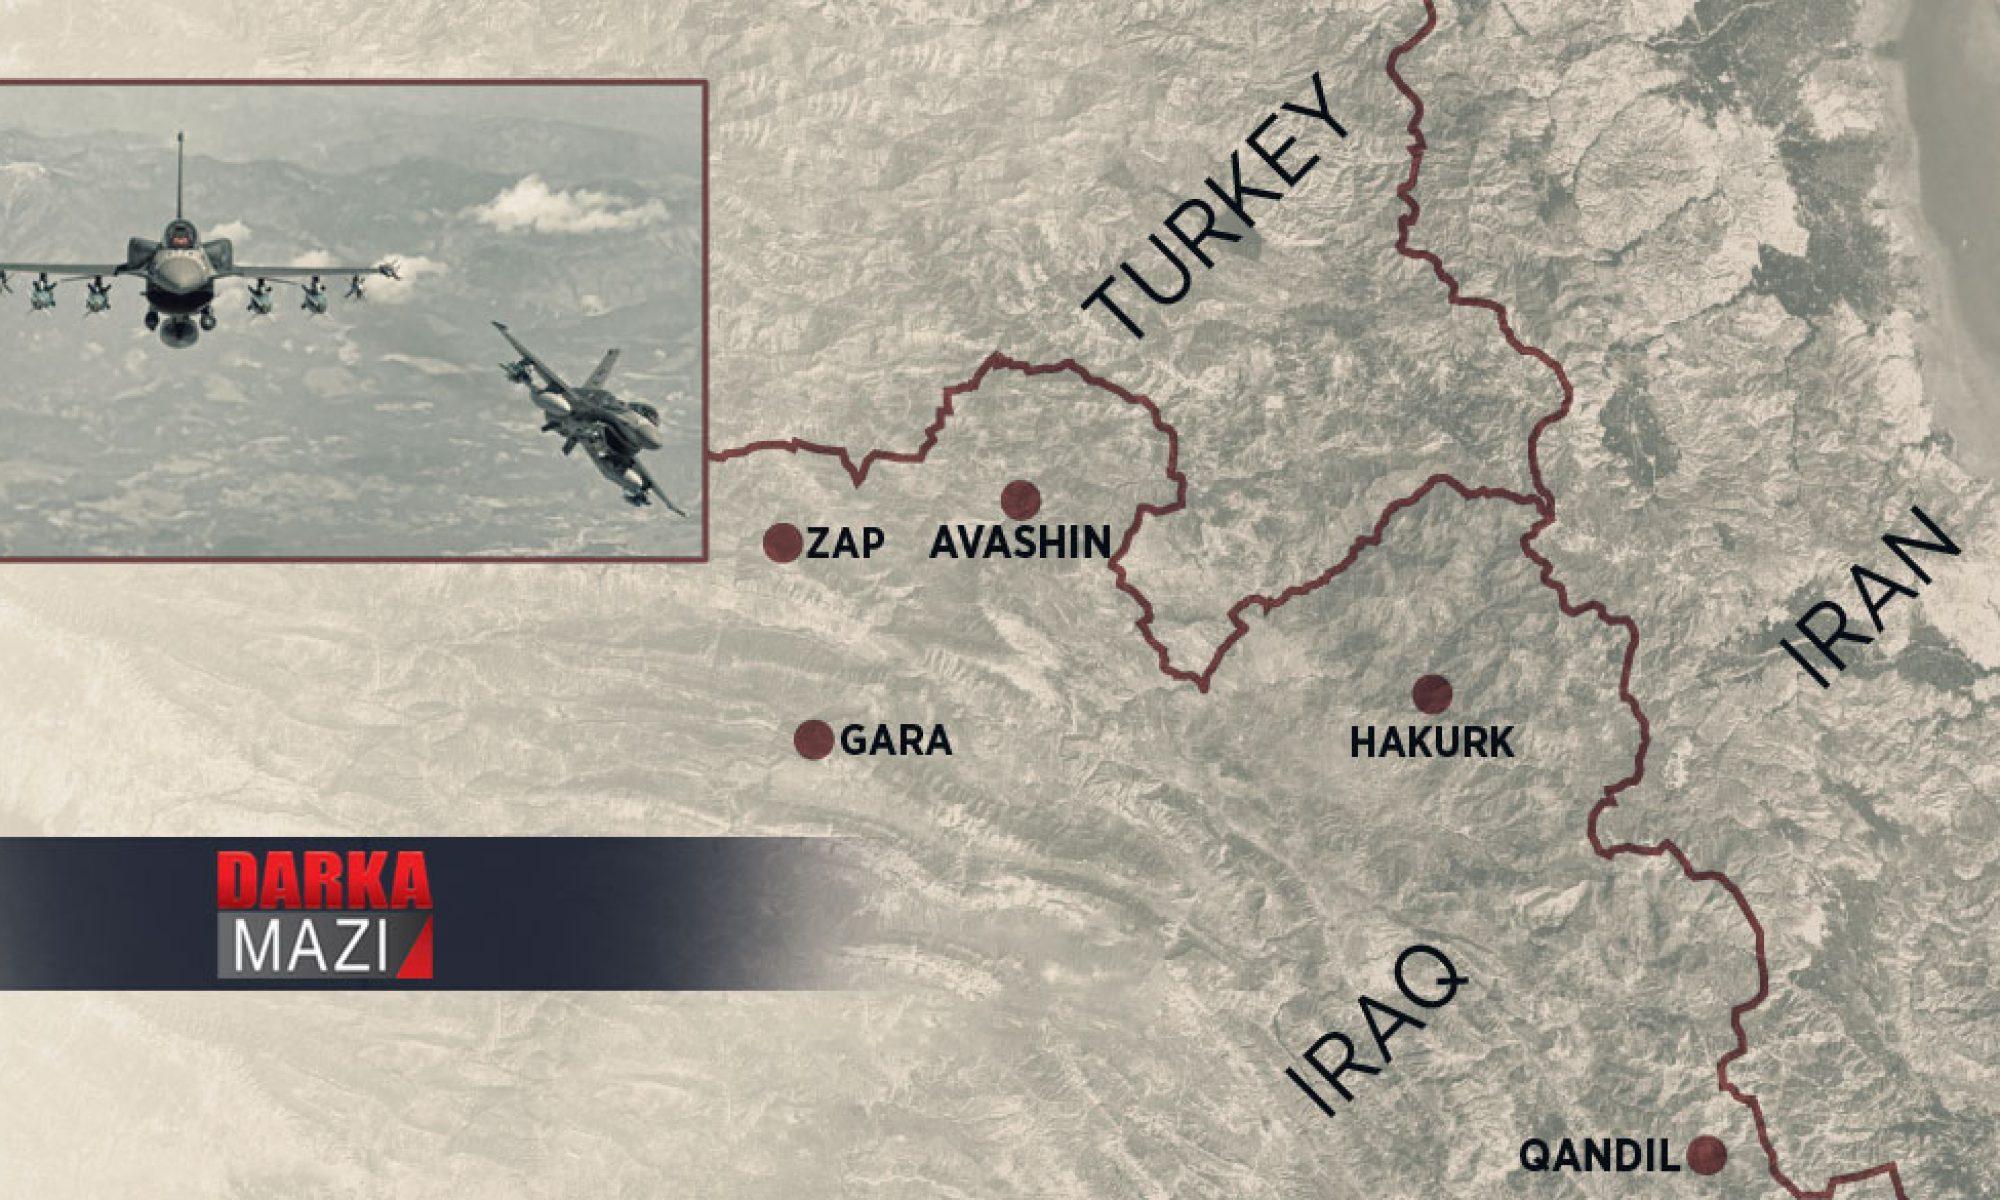 Zap'ta üç gerilla hayatın kaybetti iddiası